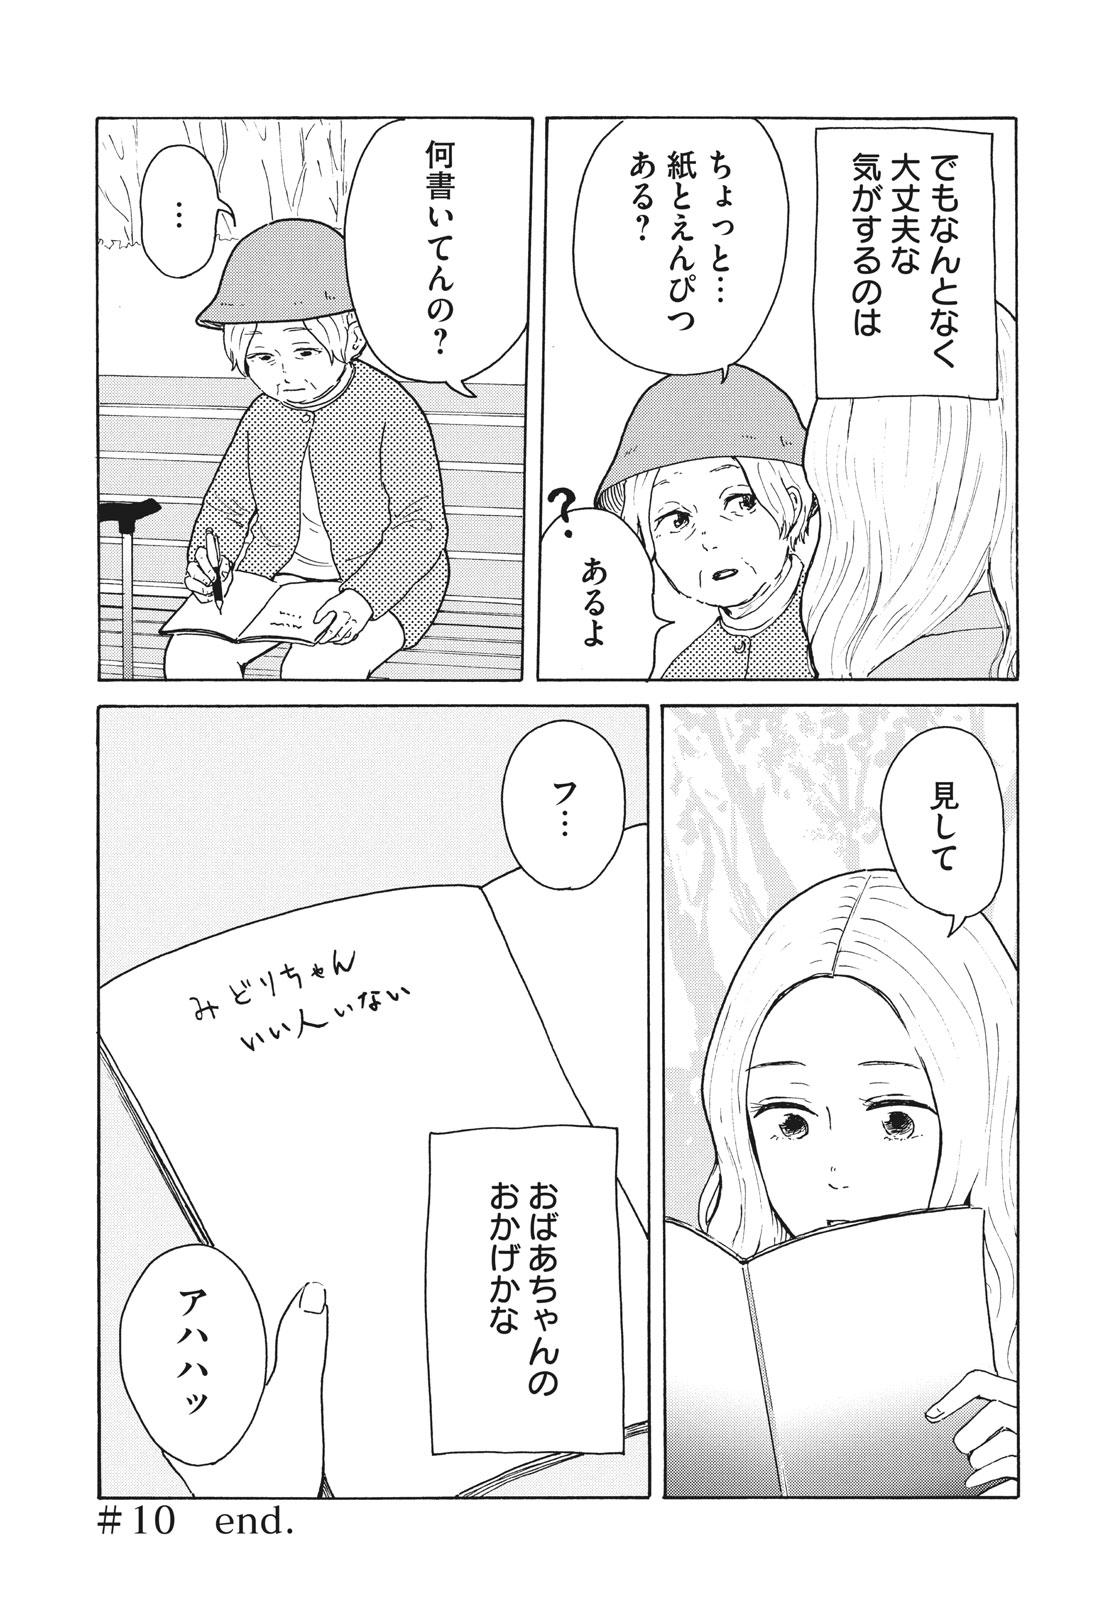 010_30日_2020_010_E.jpg